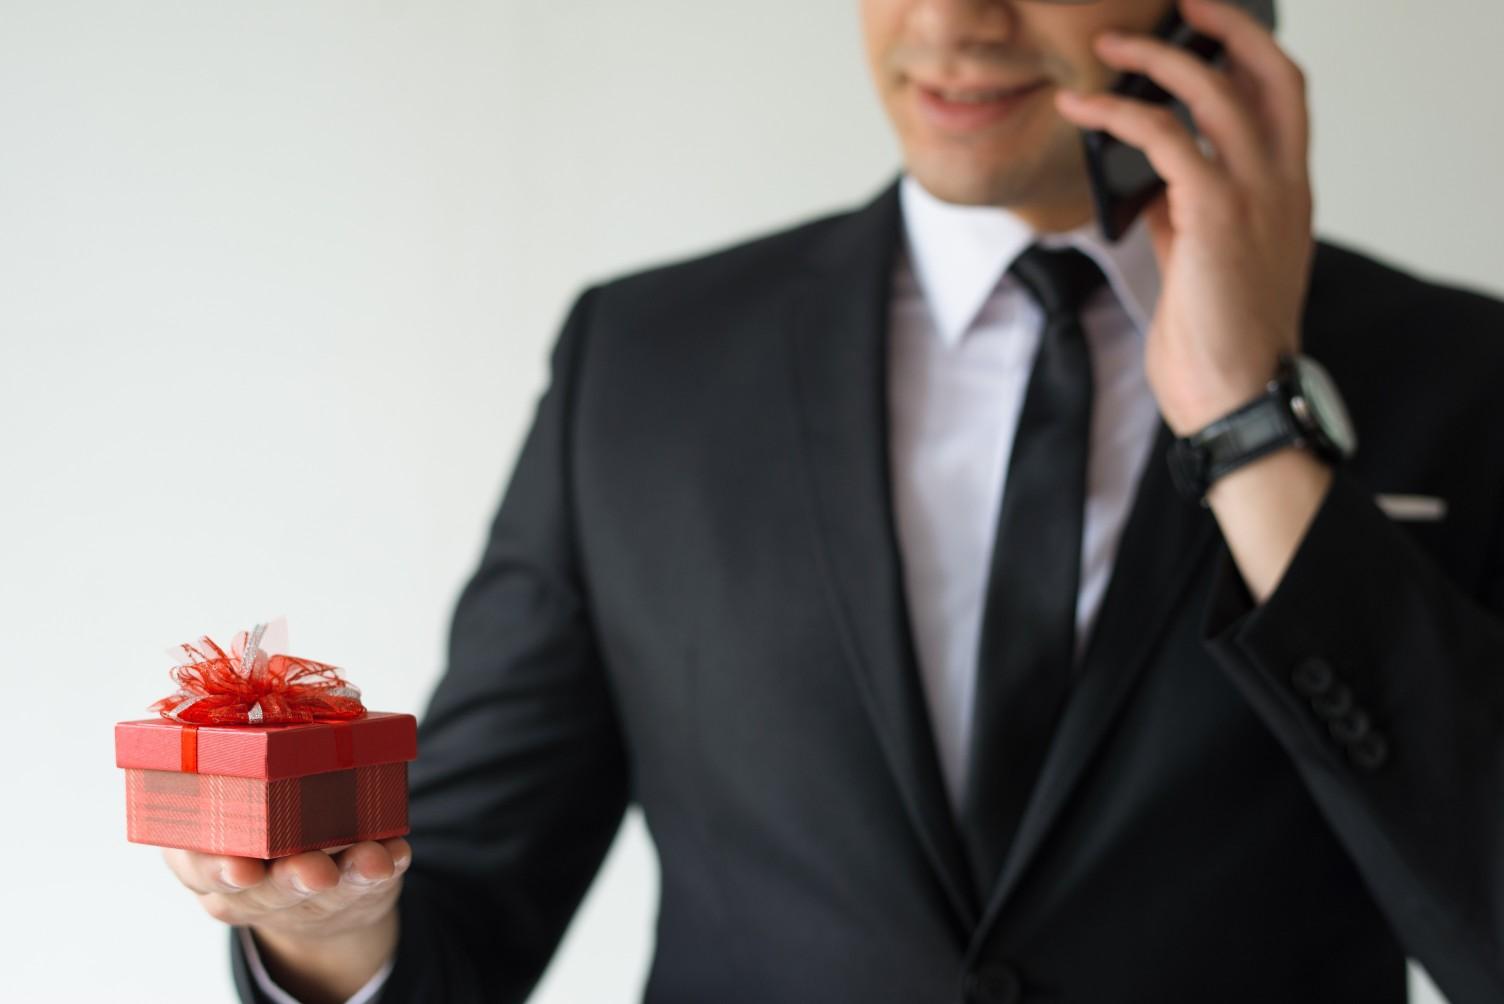 מתנה למנהל - תמונה של מנהל מקבל מתנה